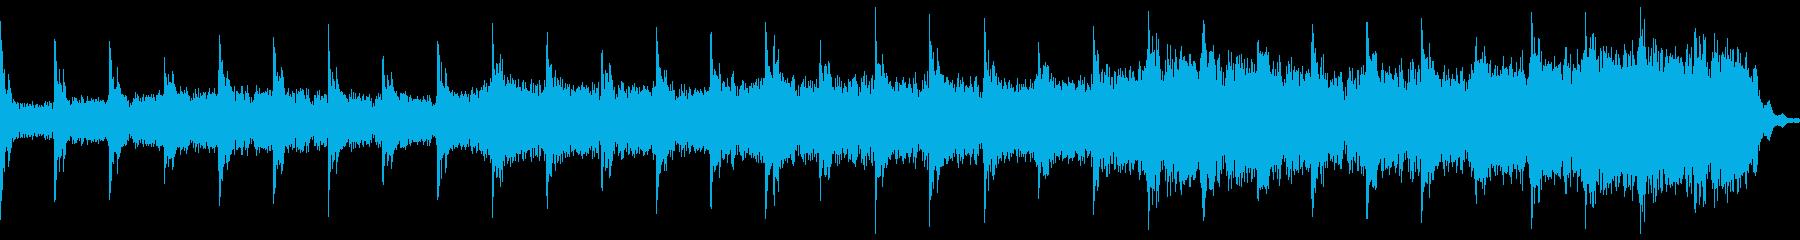 暗く怖いピアノのループ曲の再生済みの波形